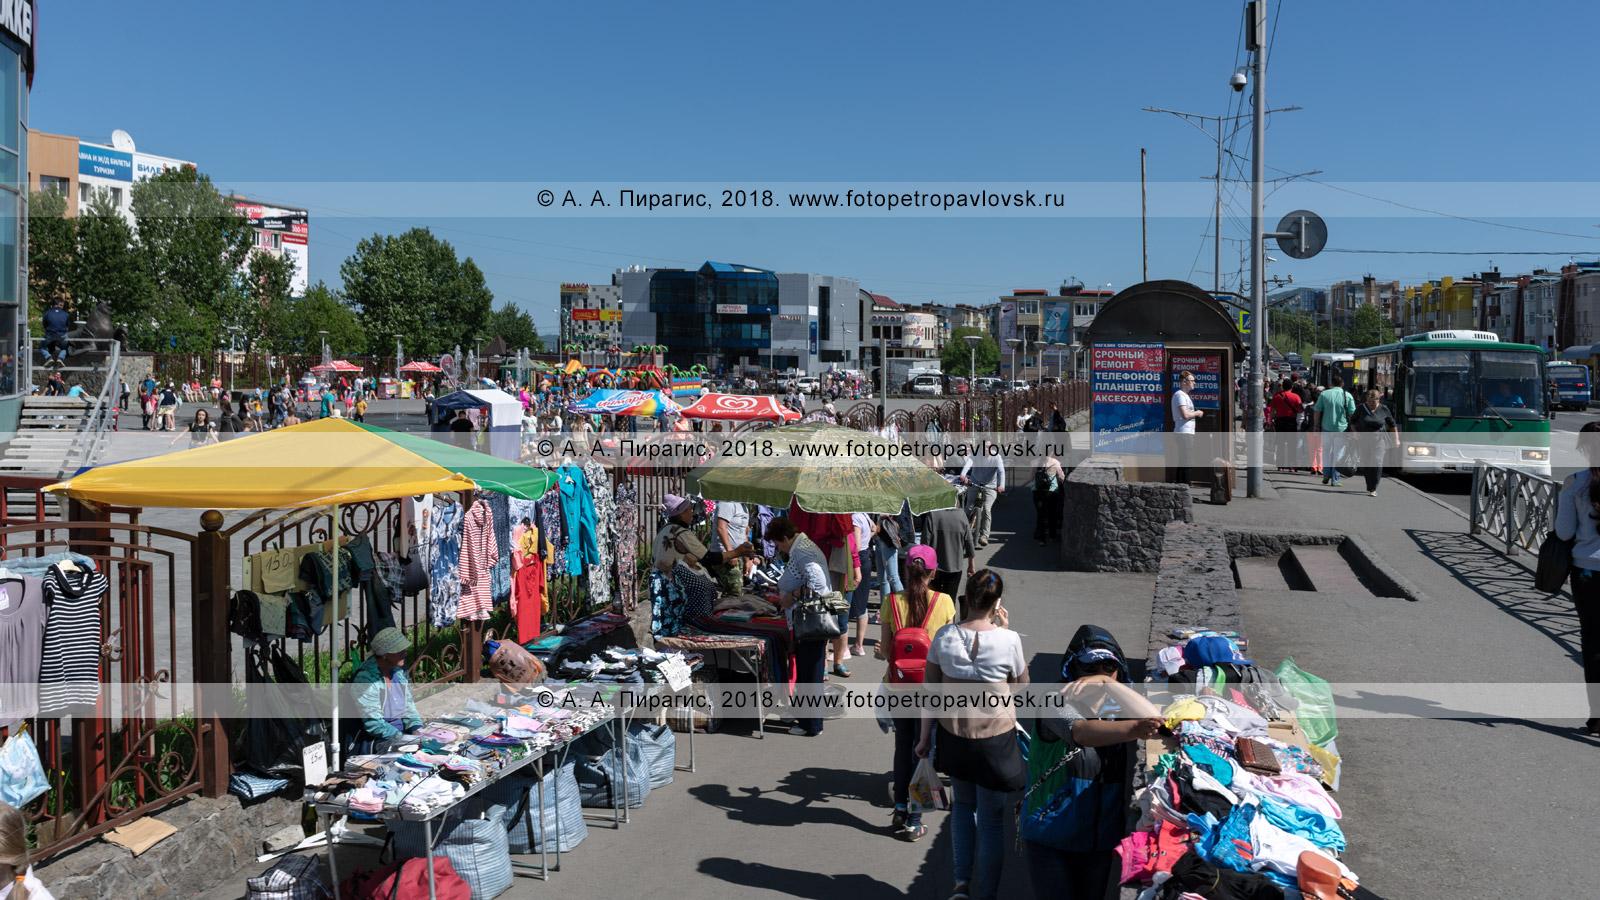 Фотография: уличная торговля в несанкционированном (неустановленном) для этого месте: пешеходной дорожке, тротуаре, автобусной остановке. Город Петропавловск-Камчатский